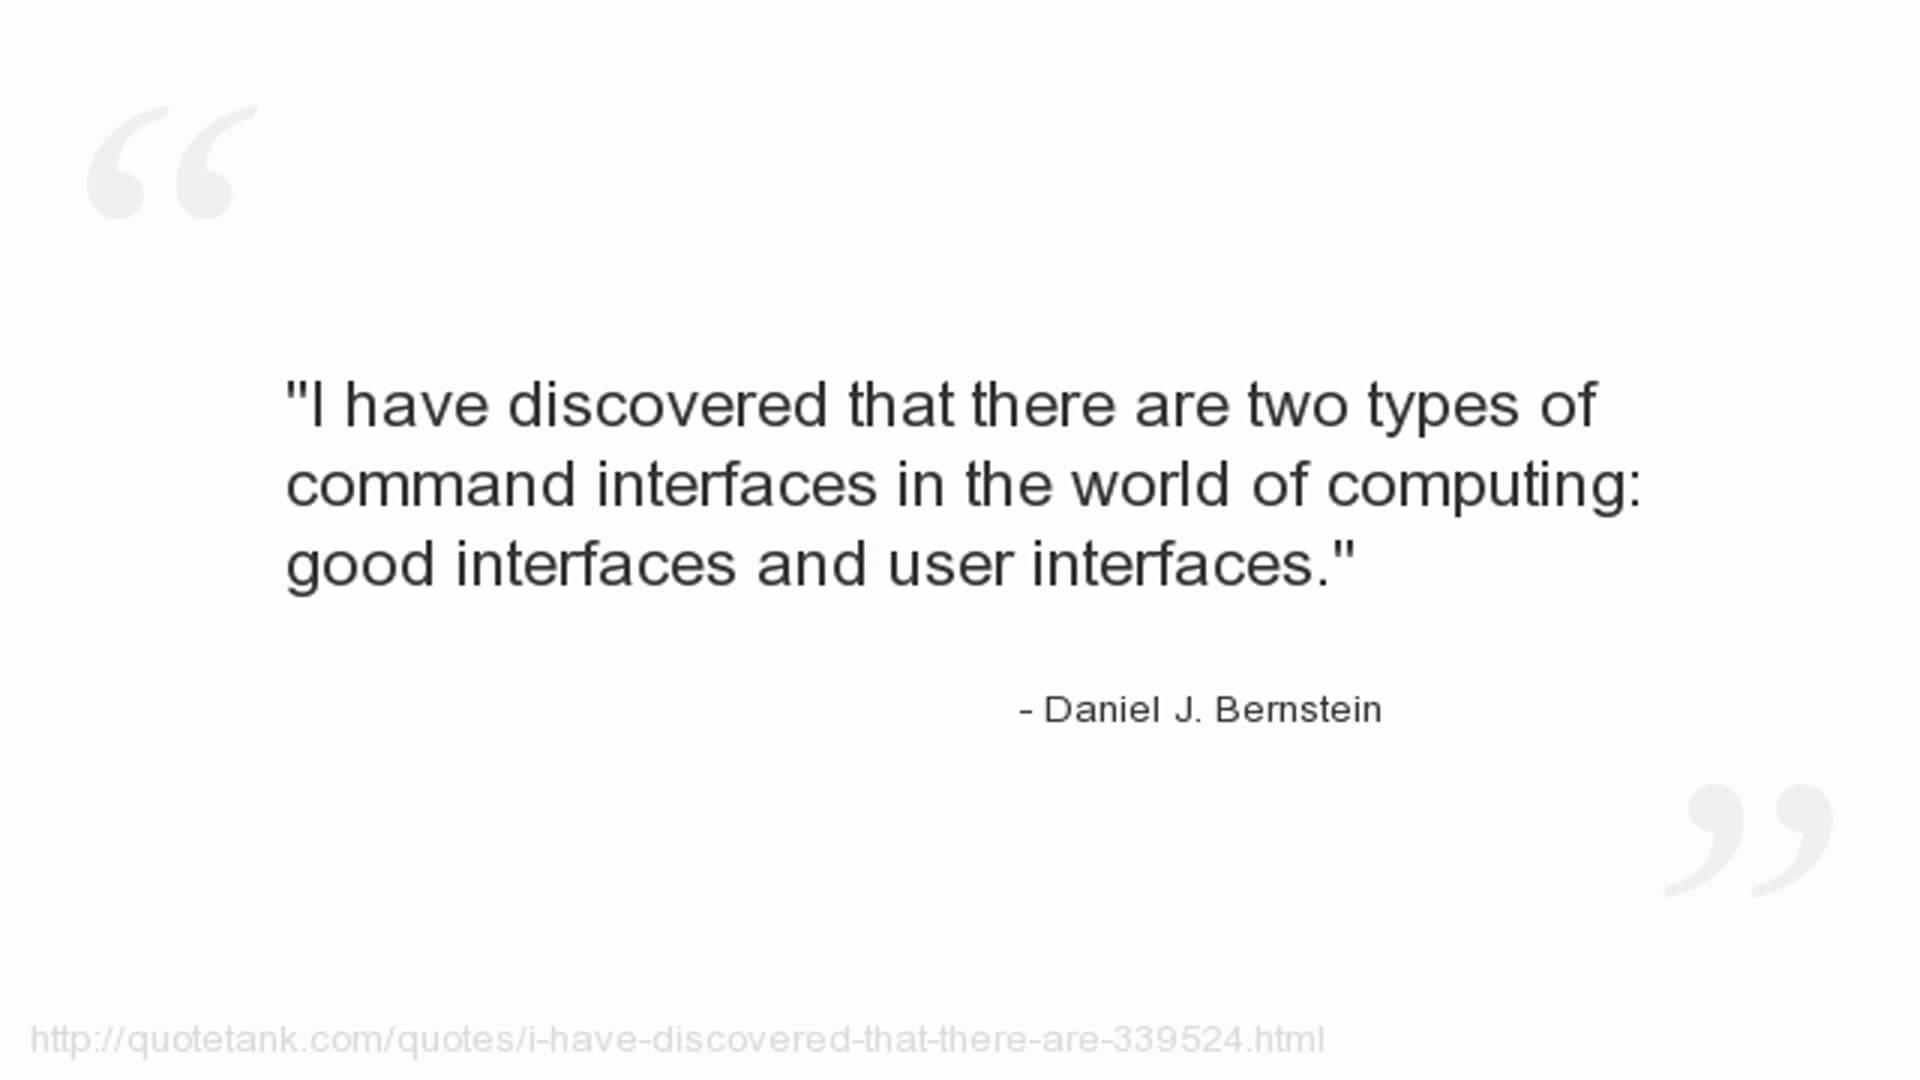 Daniel J. Bernstein's quote #1